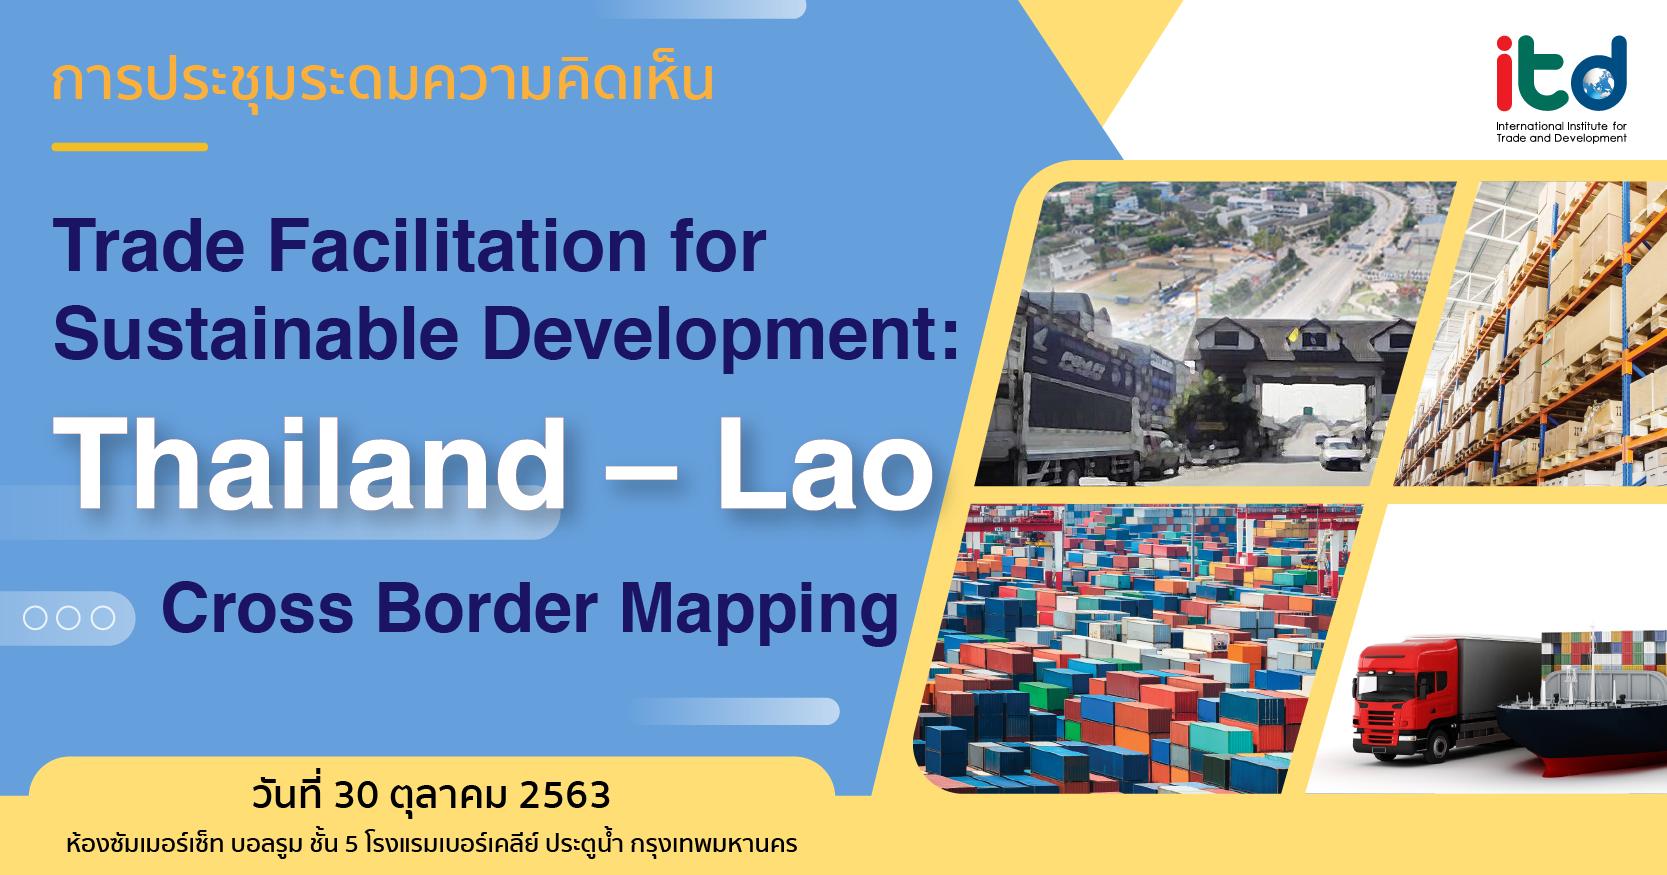 การประชุมระดมความคิดเห็นในหัวข้อ Trade Facilitation for Sustainable Development: Thailand – Lao Cross Border Mapping